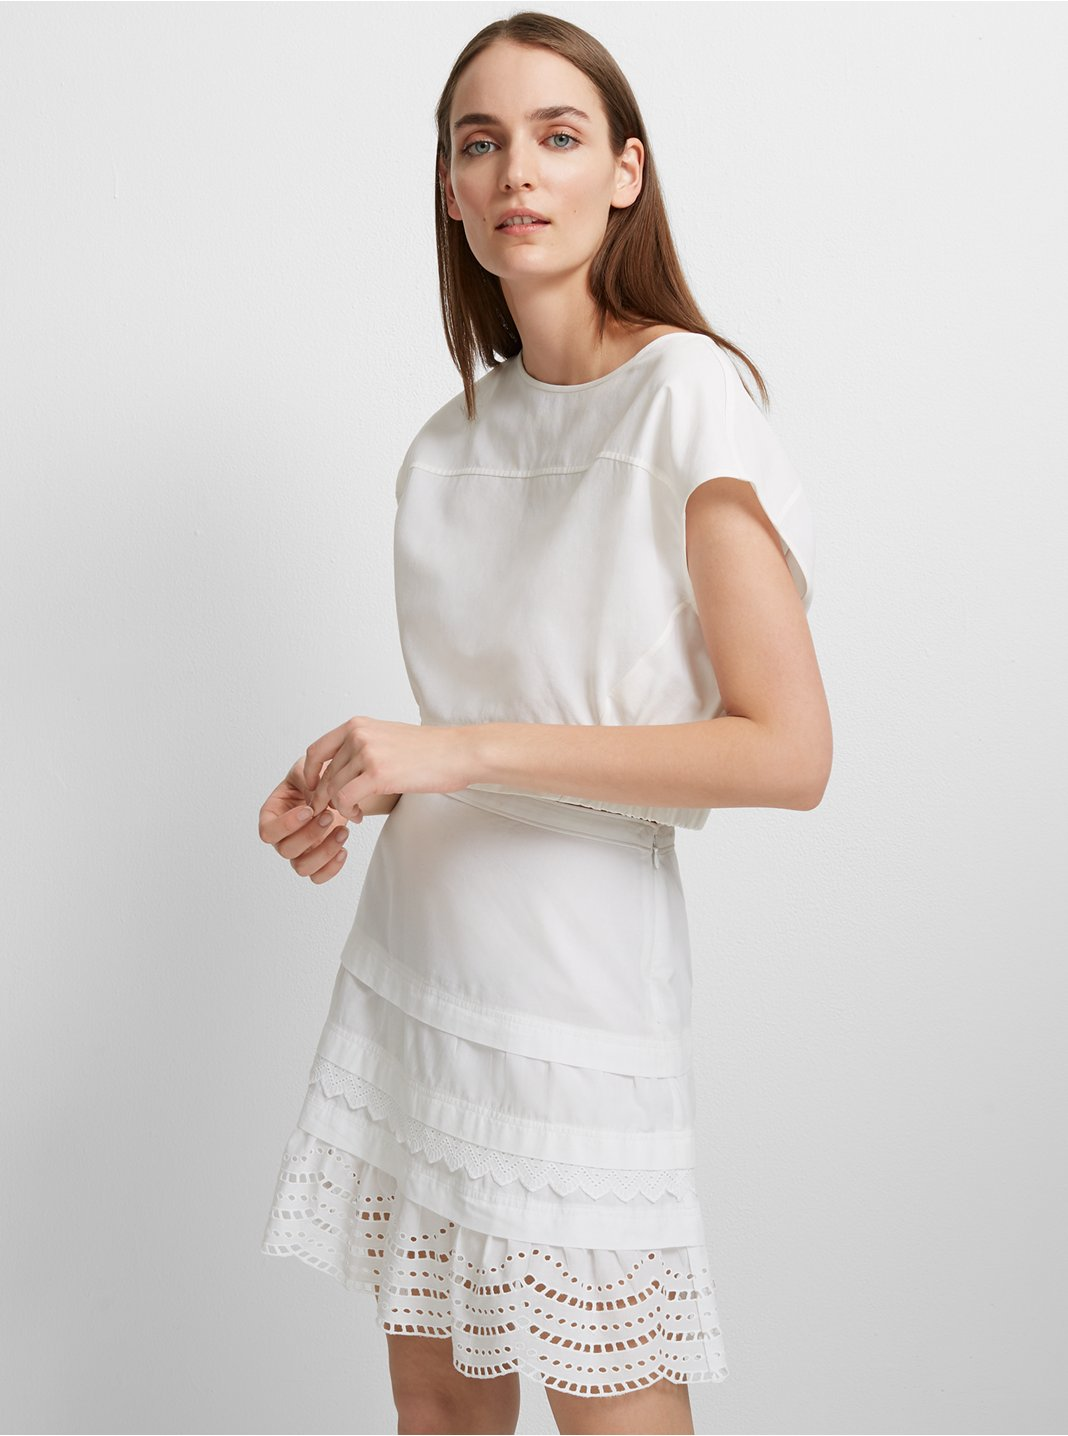 클럽 모나코 Lettee 코튼 스커트 Club Monaco Lettee Cotton Skirt